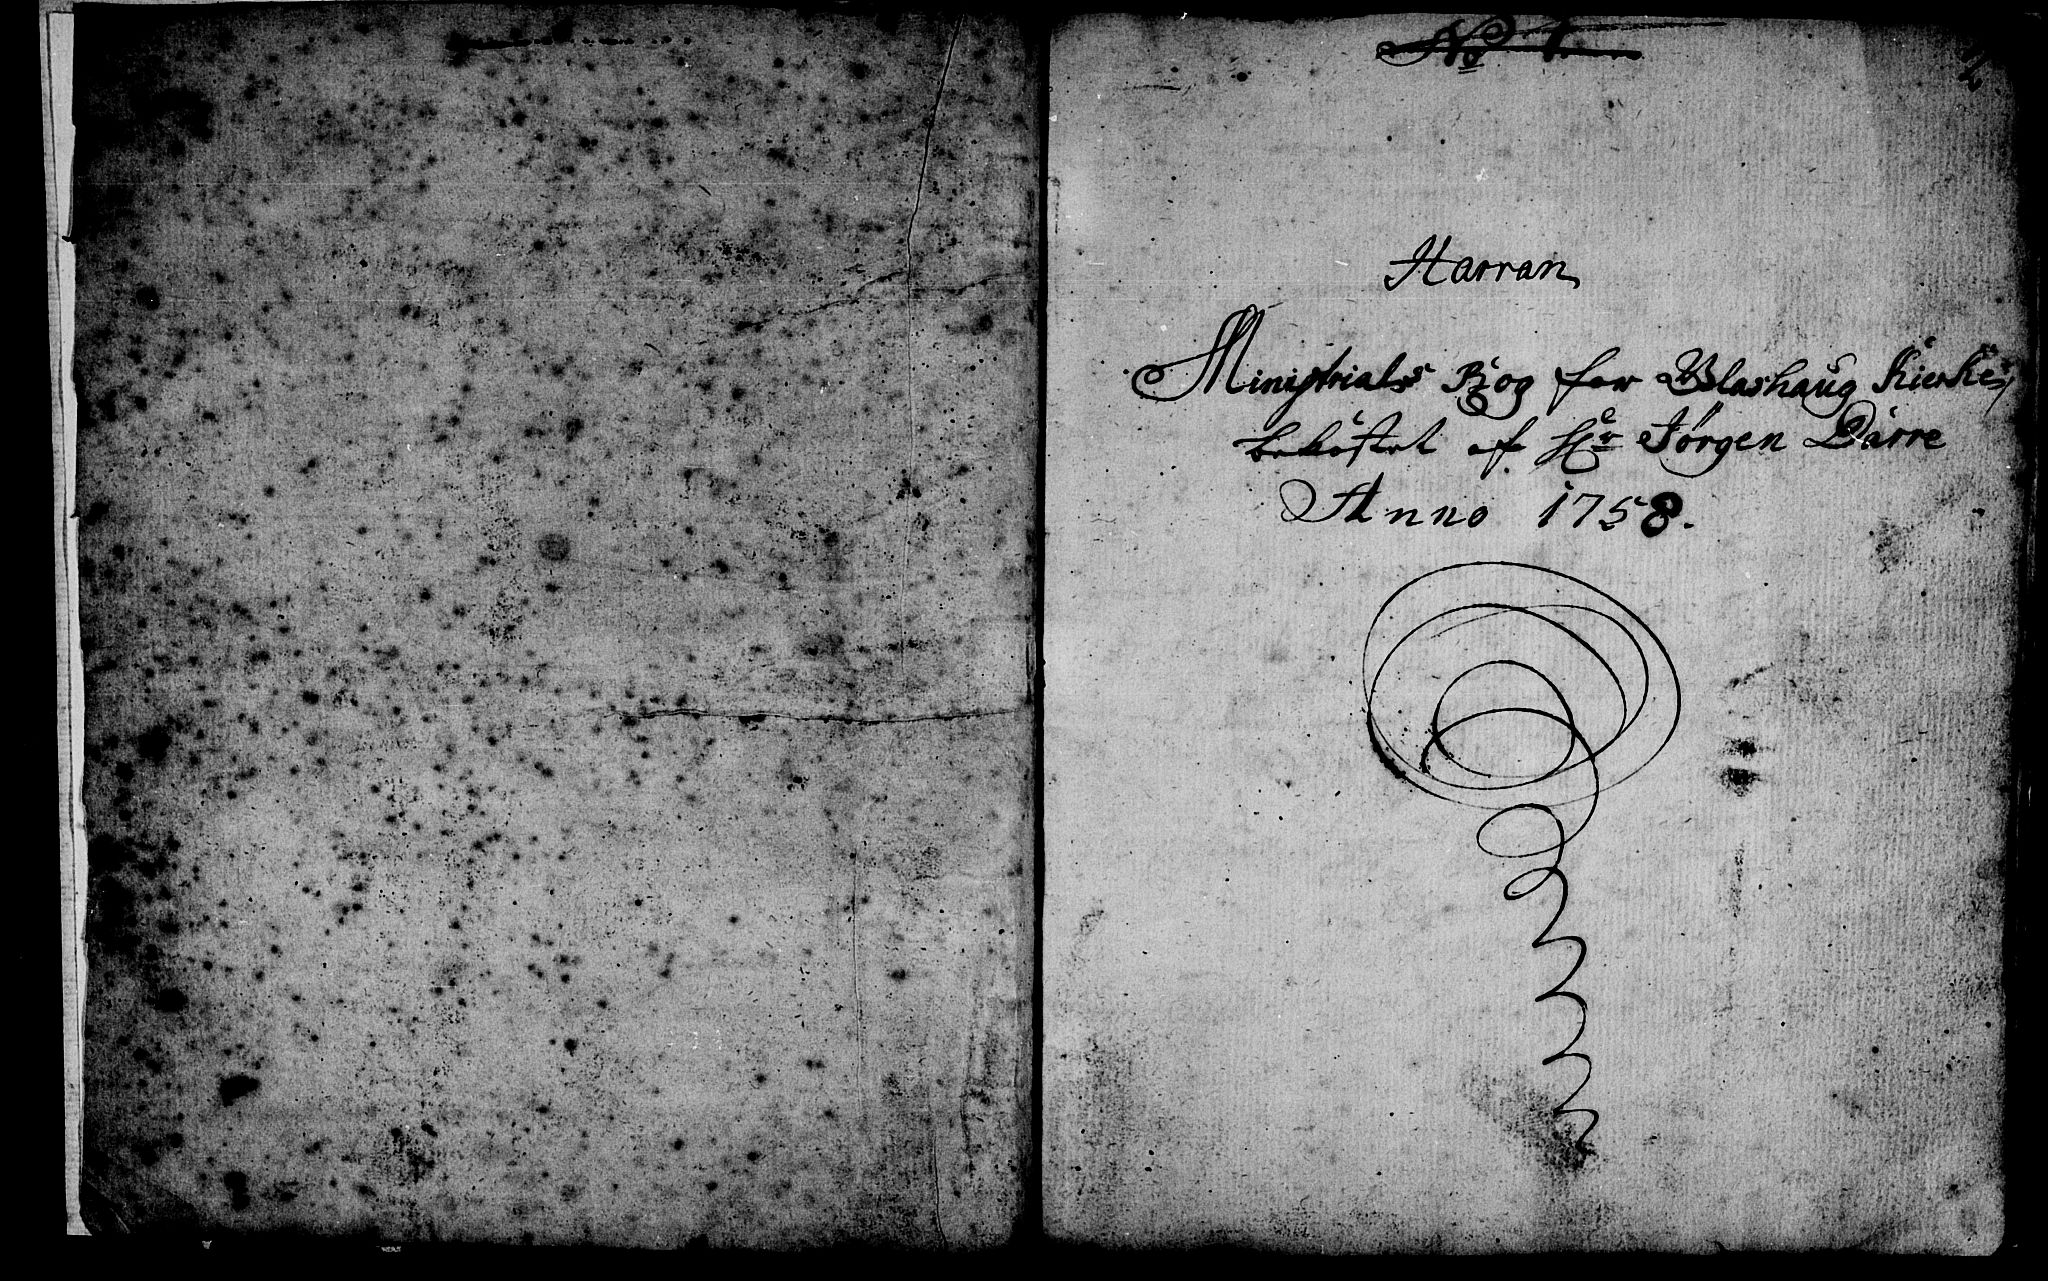 SAT, Ministerialprotokoller, klokkerbøker og fødselsregistre - Nord-Trøndelag, 759/L0526: Ministerialbok nr. 759A02, 1758-1765, s. 2